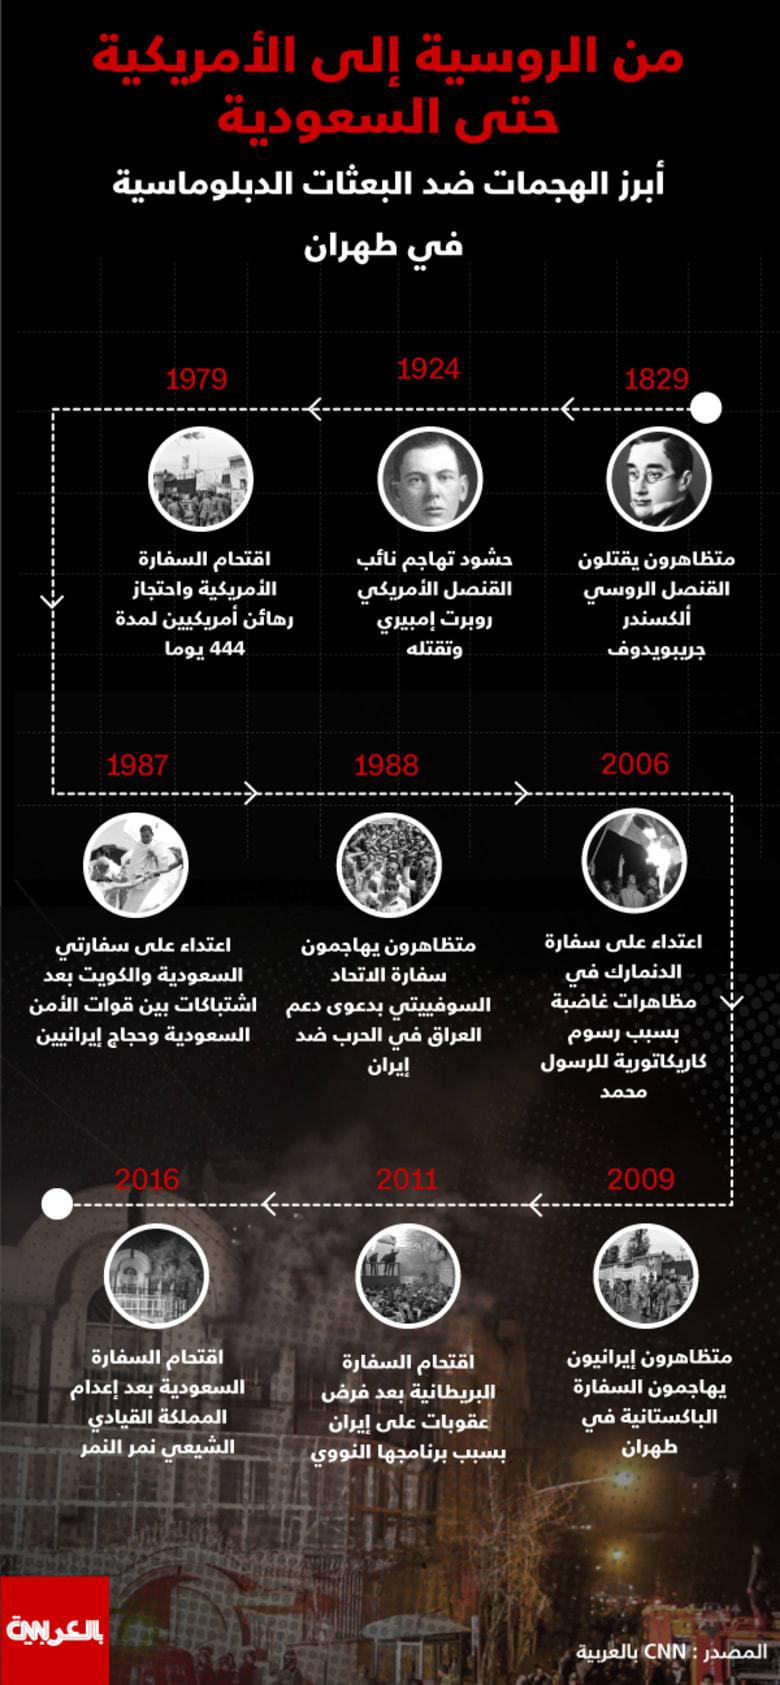 انفوجرافيك: من الروسية إلى الأمريكية حتى السعودية.. تاريخ الاعتداء على البعثات الدبلوماسية في طهران